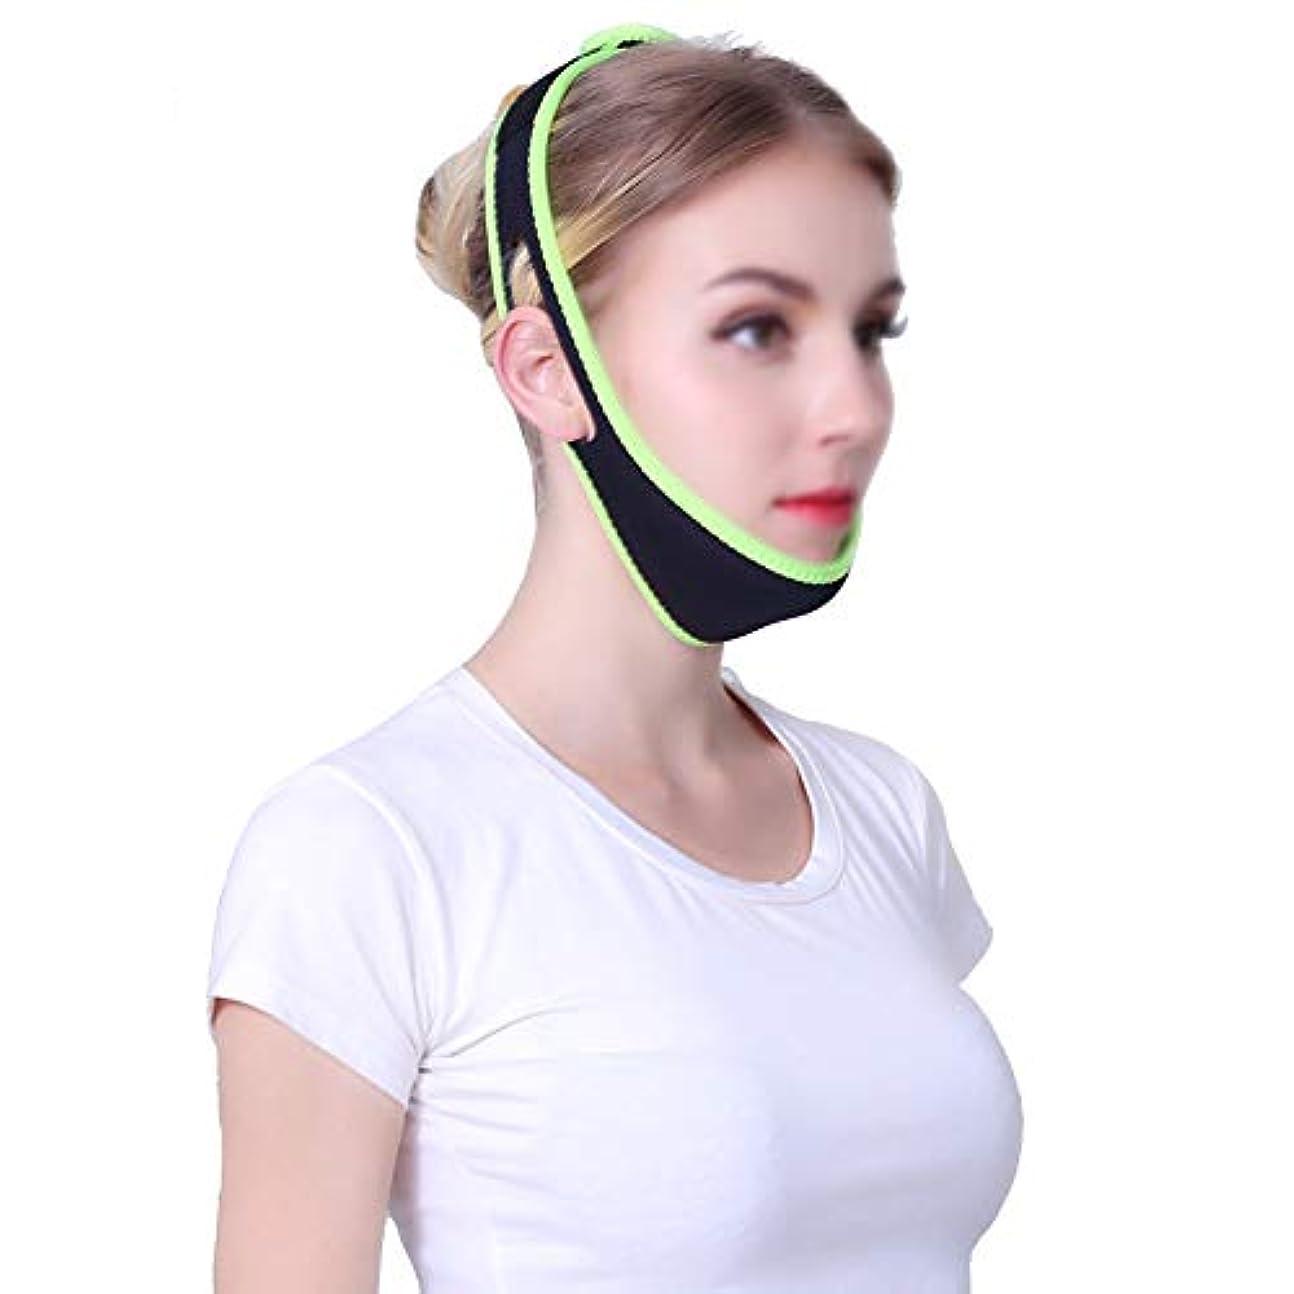 粗い残酷なカートGLJJQMY 引き締めフェイスマスク小型Vフェイスアーティファクト睡眠薄いフェイス包帯マスクリフティングマスク引き締めクリームフェイスリフティングフェイス楽器 顔用整形マスク